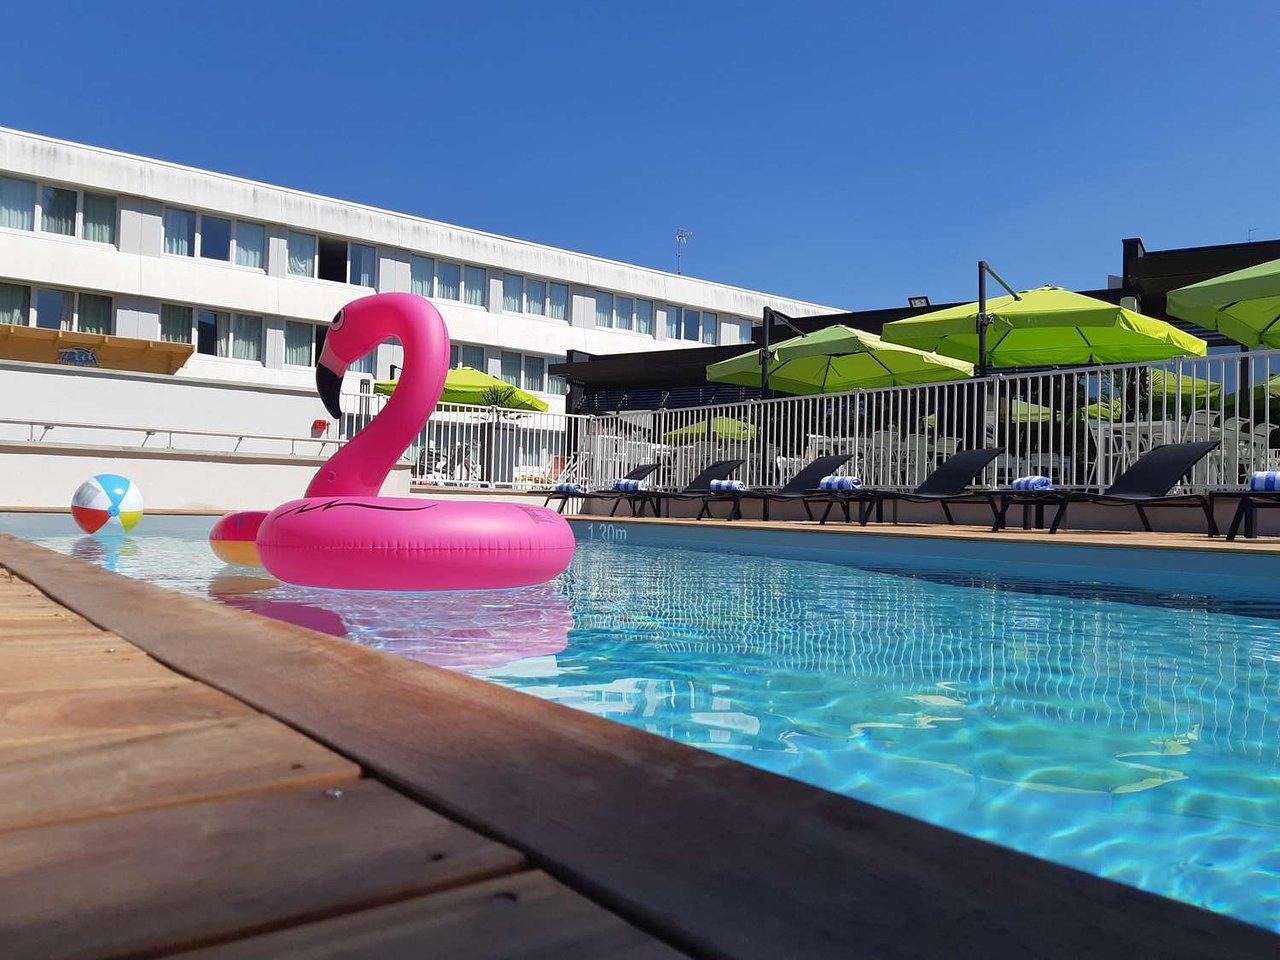 Hotel Novotel Le Mans - Reviews & Price Comparison (France ... encequiconcerne Piscine Atlantides Le Mans